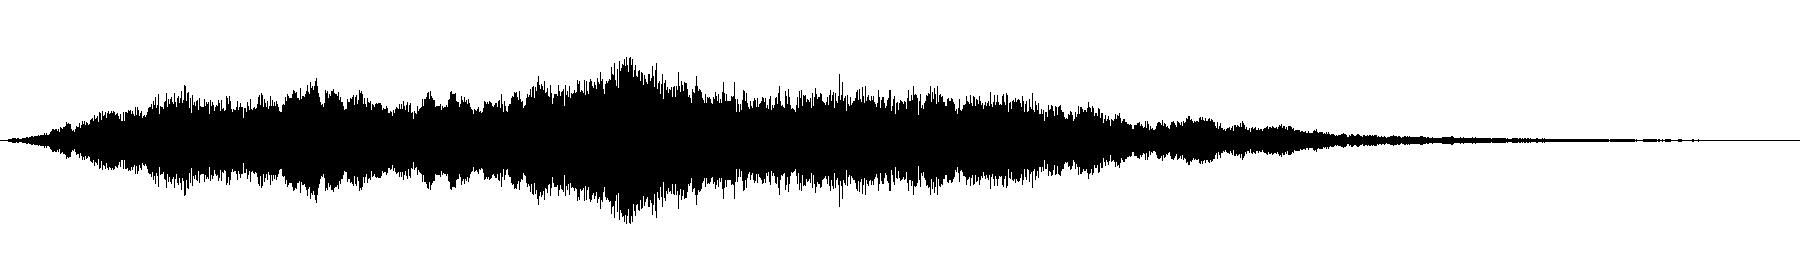 vfx1 atmos 50